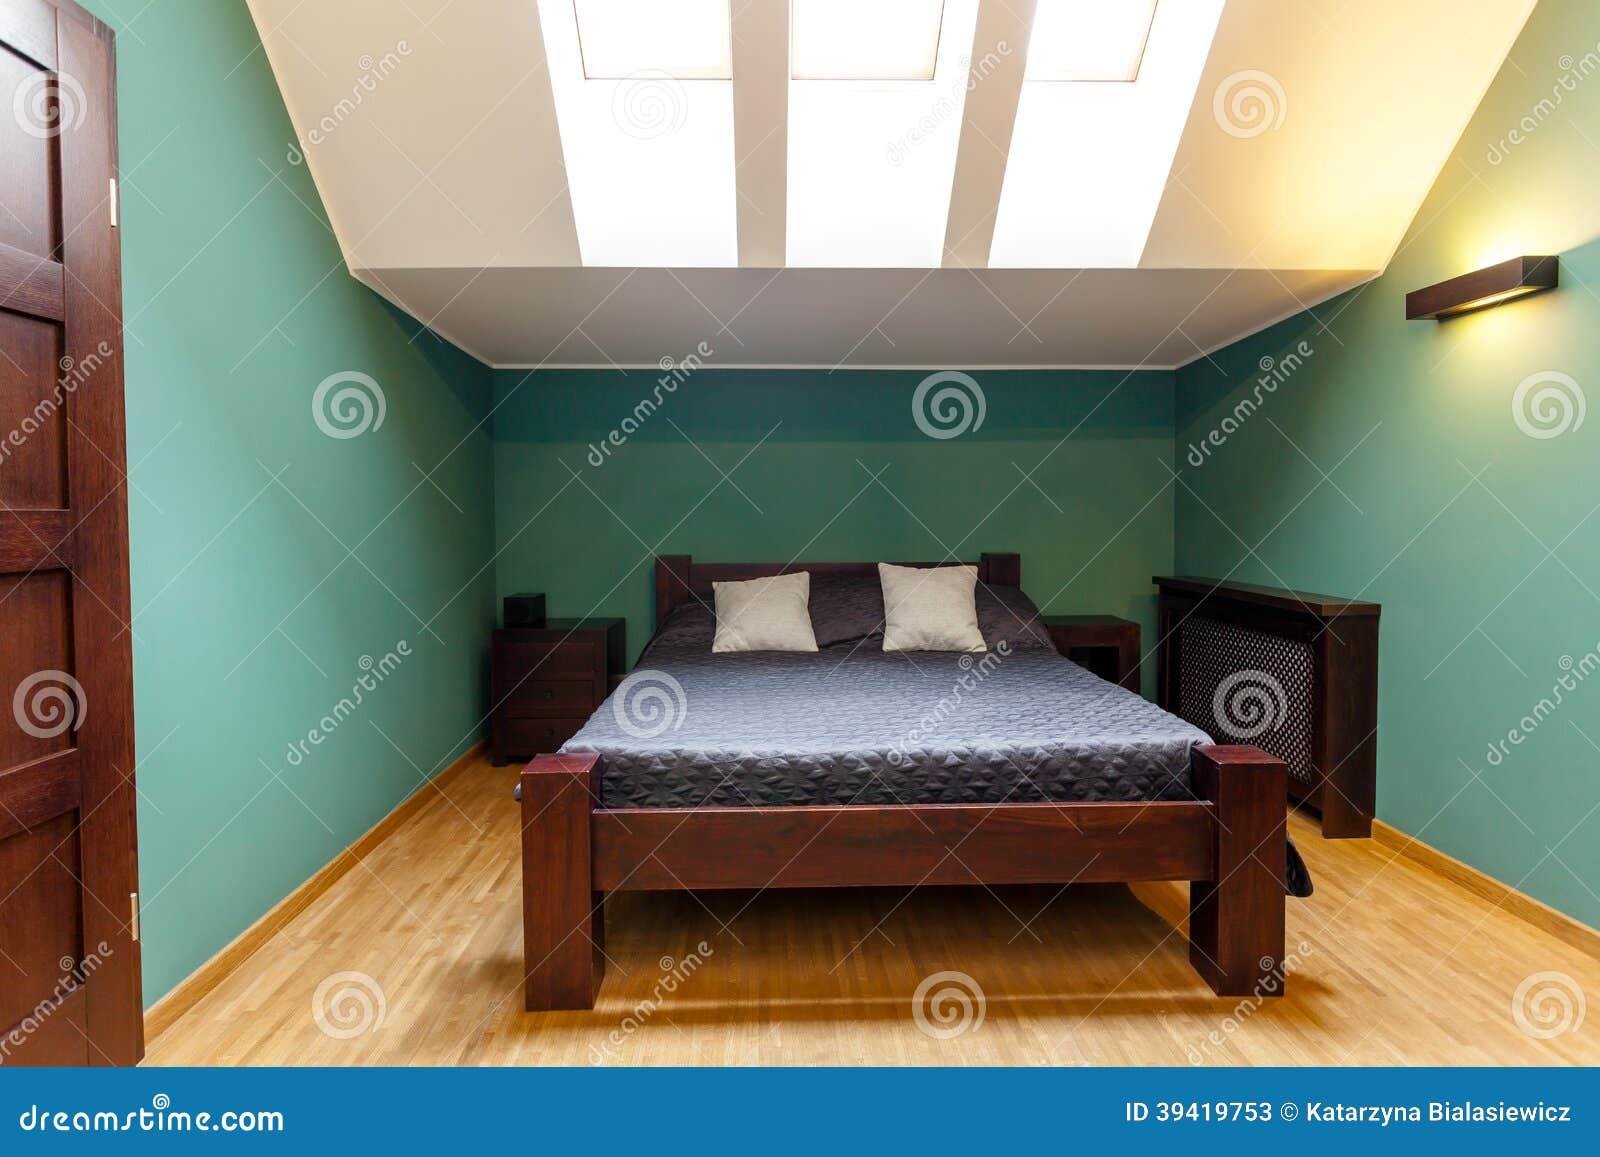 Chambre à coucher moderne dans des couleurs de turquoise photo ...